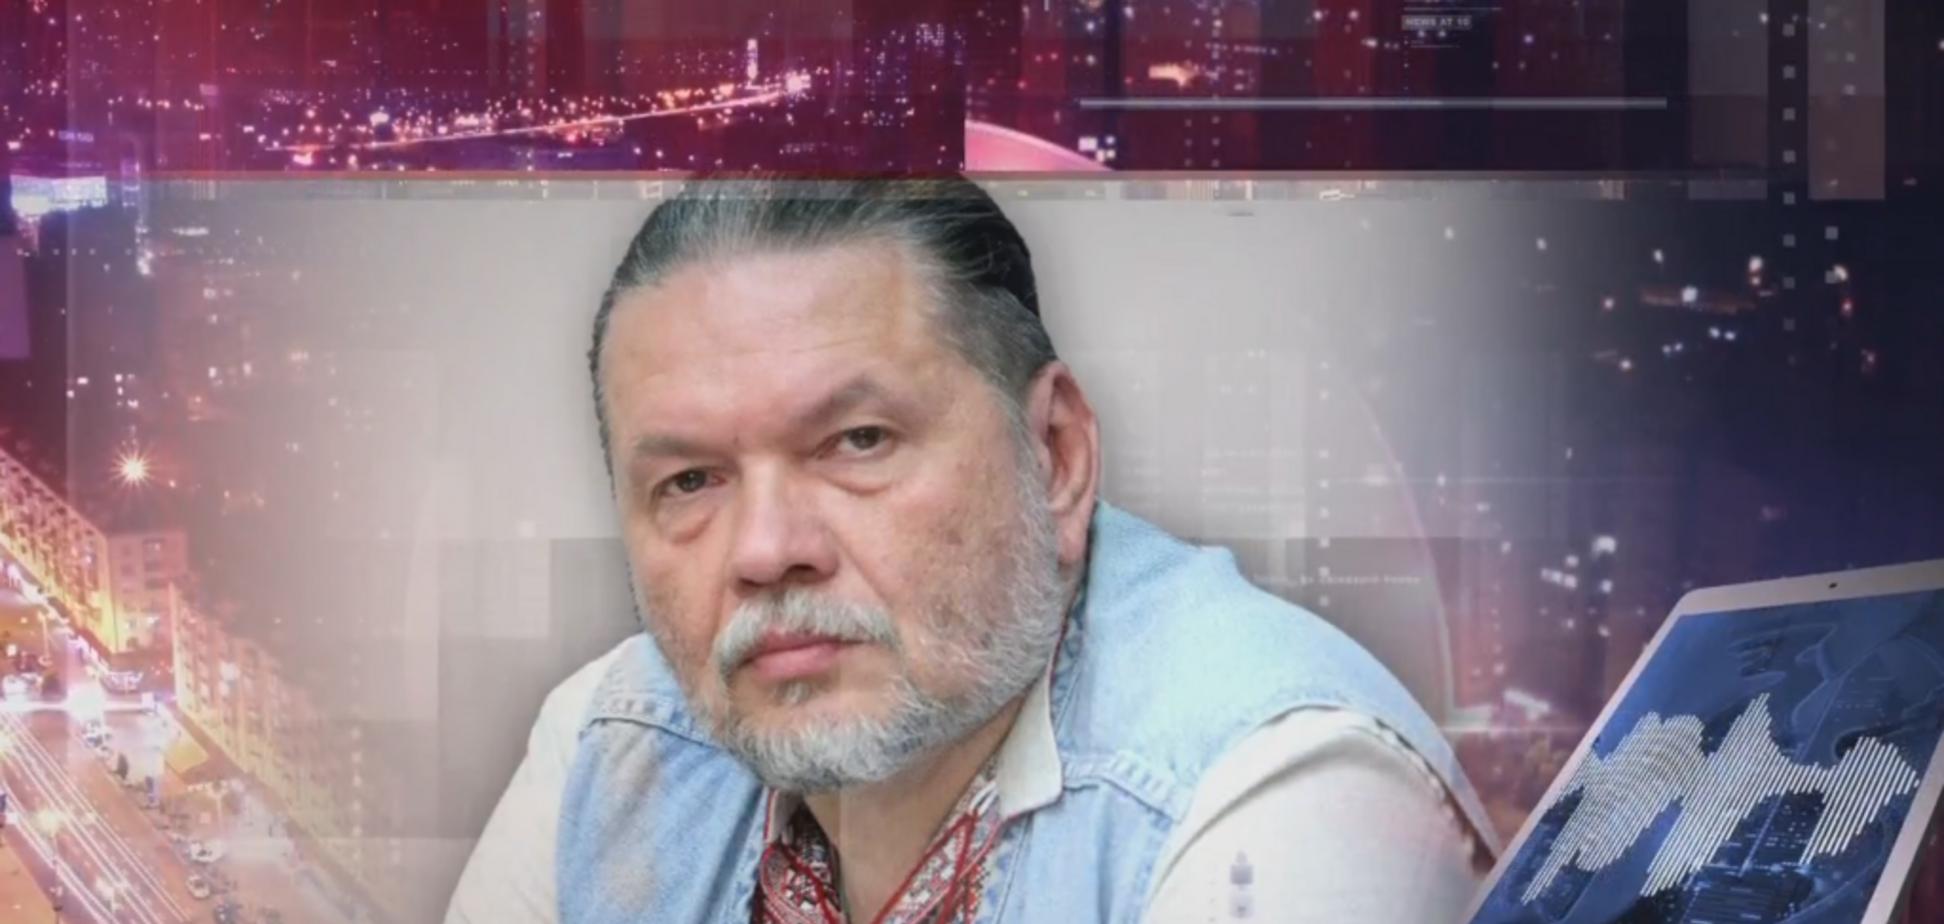 ''Через чотири роки'' – нардеп заявив про визнання Росією своєї агресії проти України